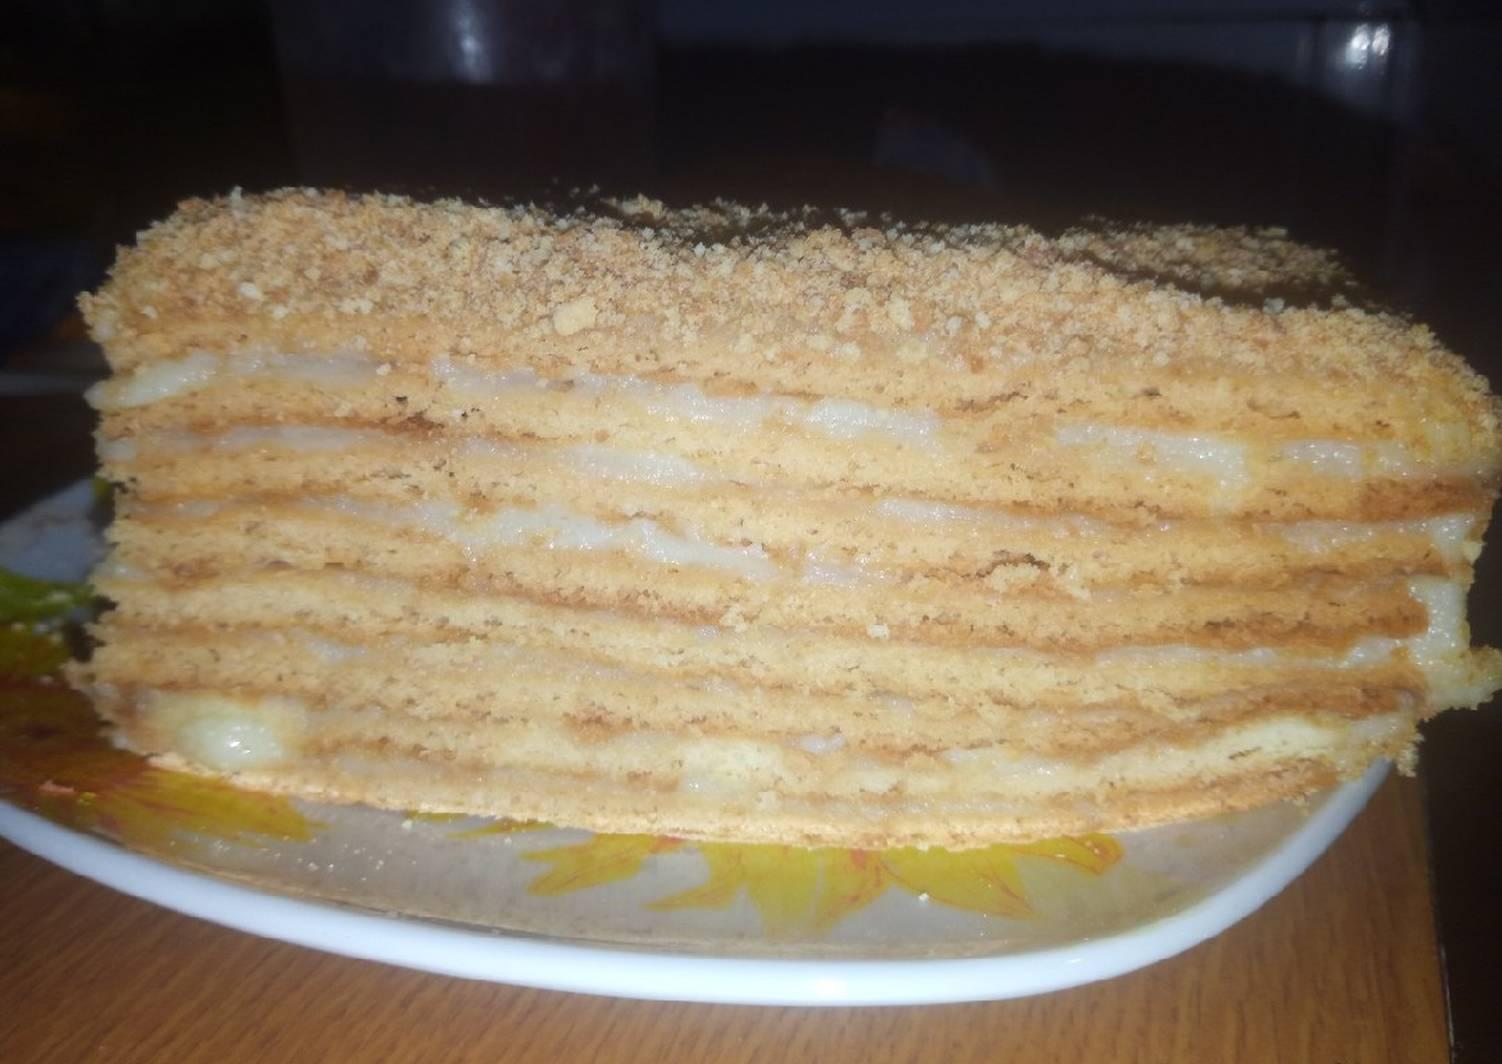 рецепт медового торта с заварным кремом фото парня получалось наладить